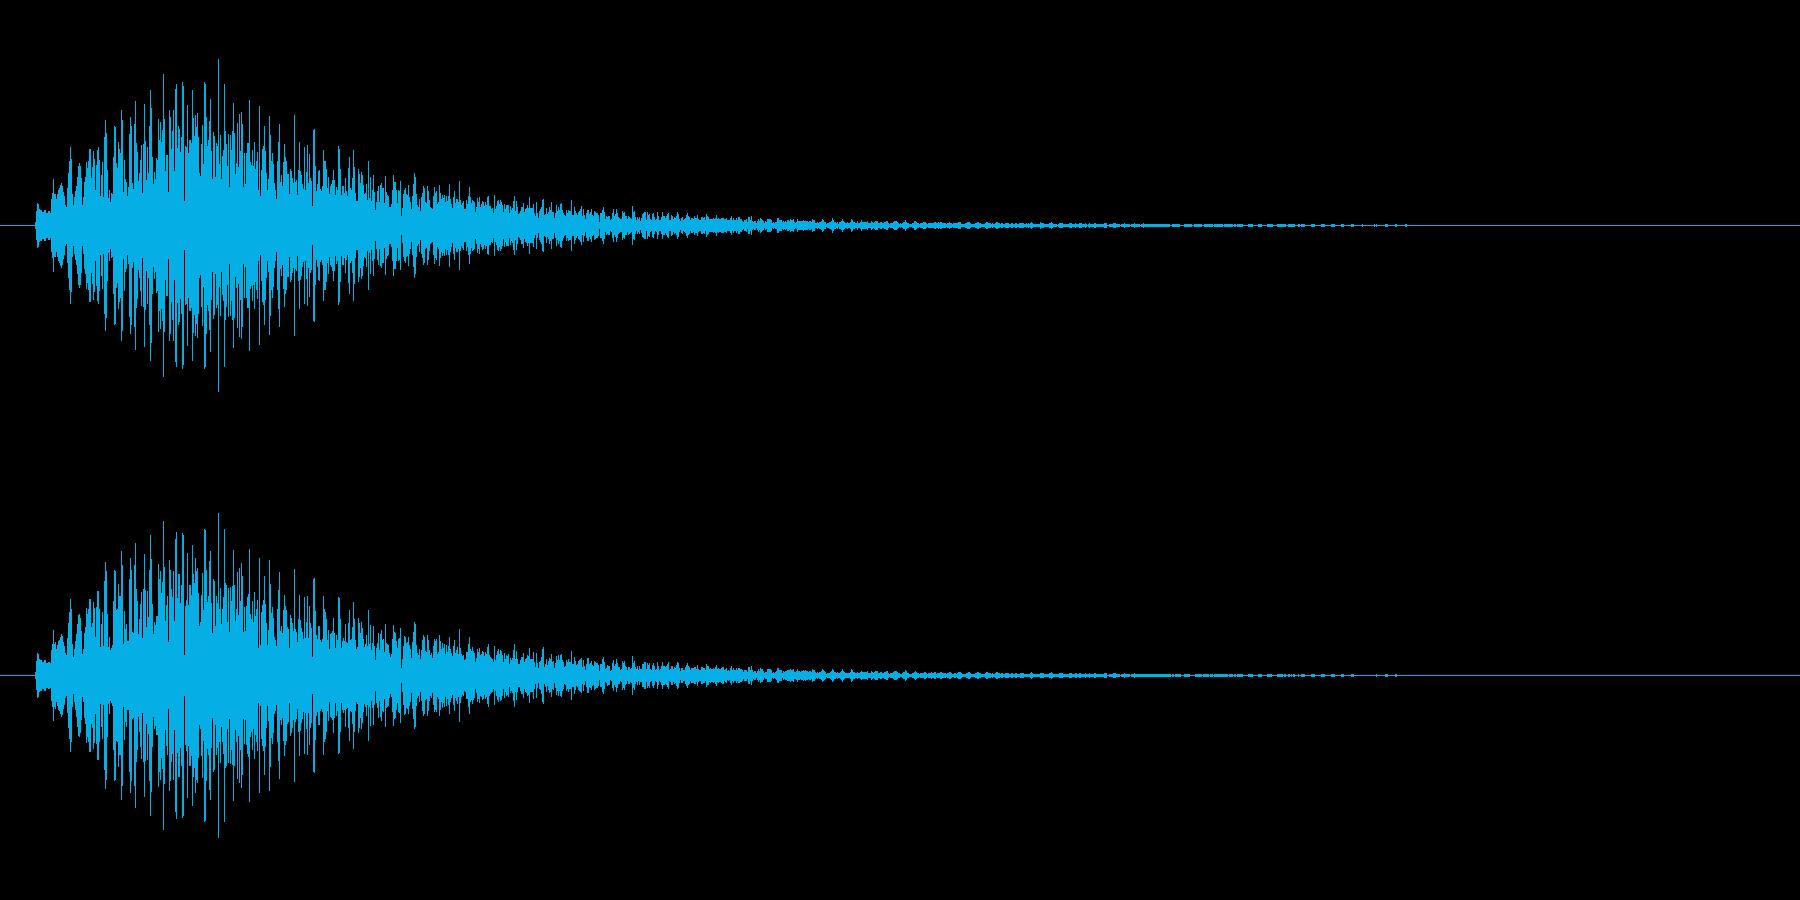 キラキラキラ/カリンバの綺麗な上昇音ですの再生済みの波形